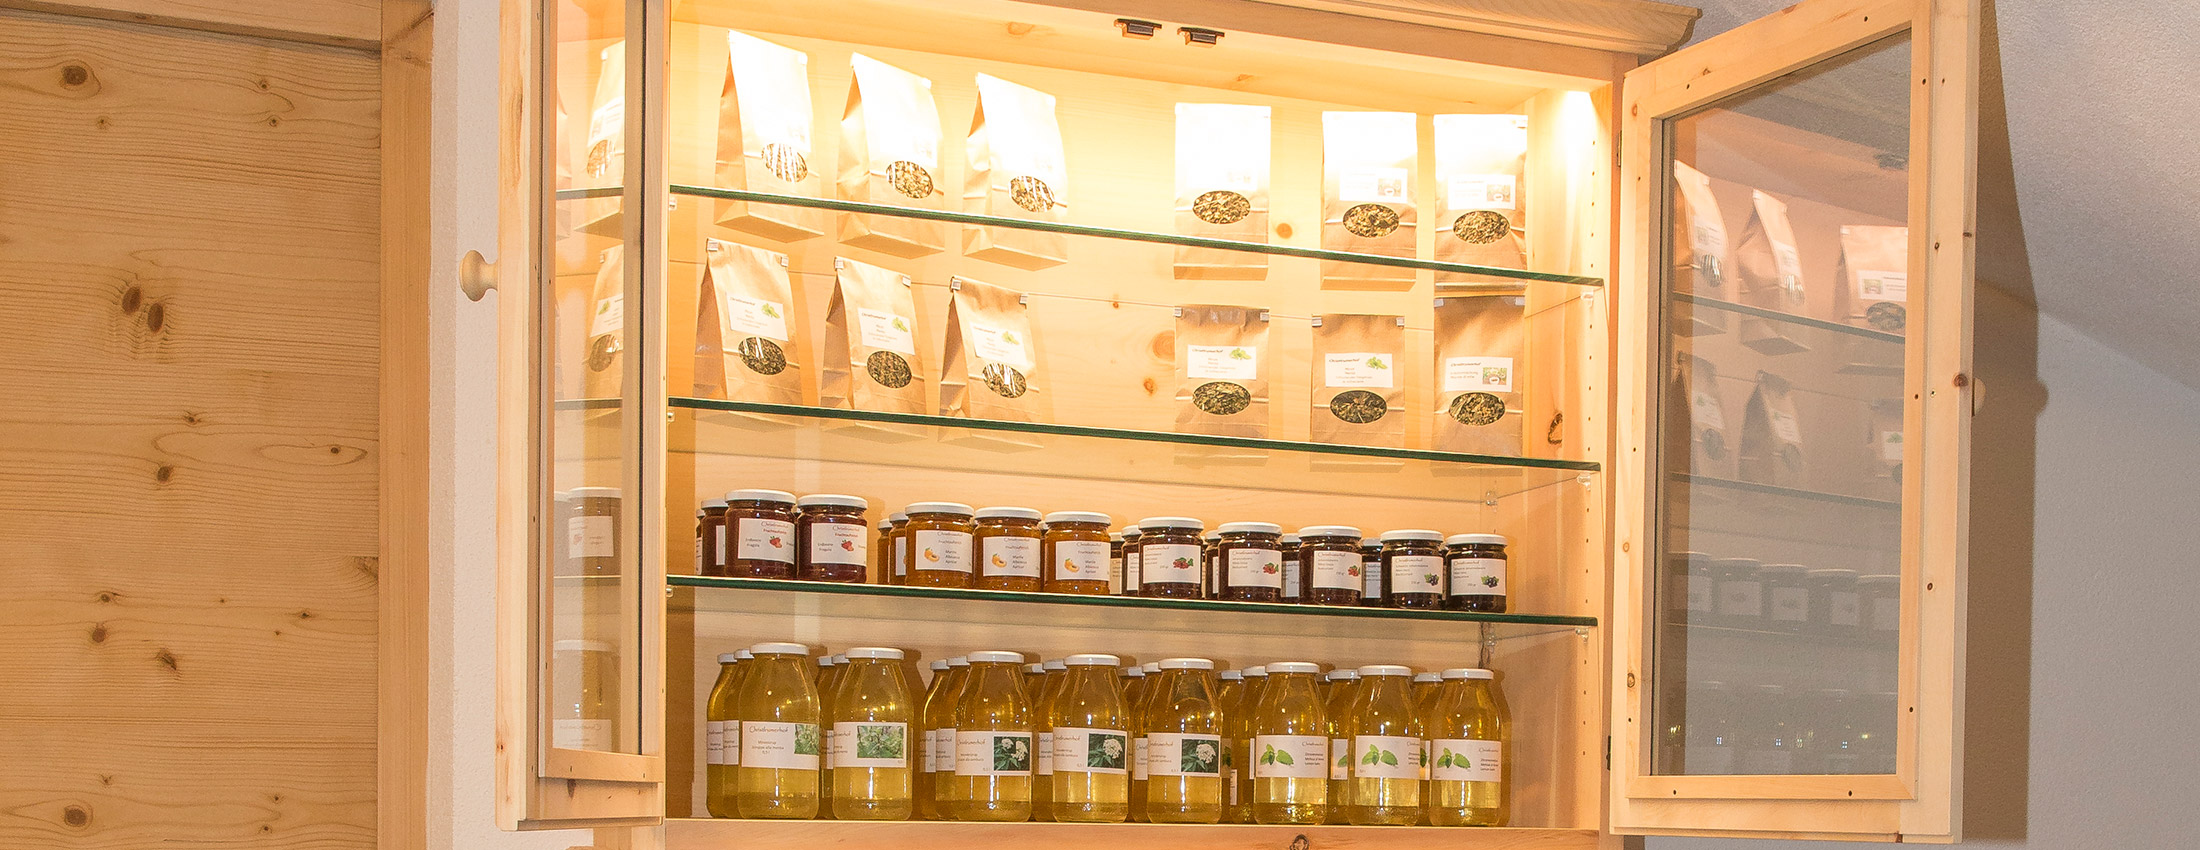 Christlrumerhof Unsere frischen Produkte am Christlrumerhof am Kronplatz